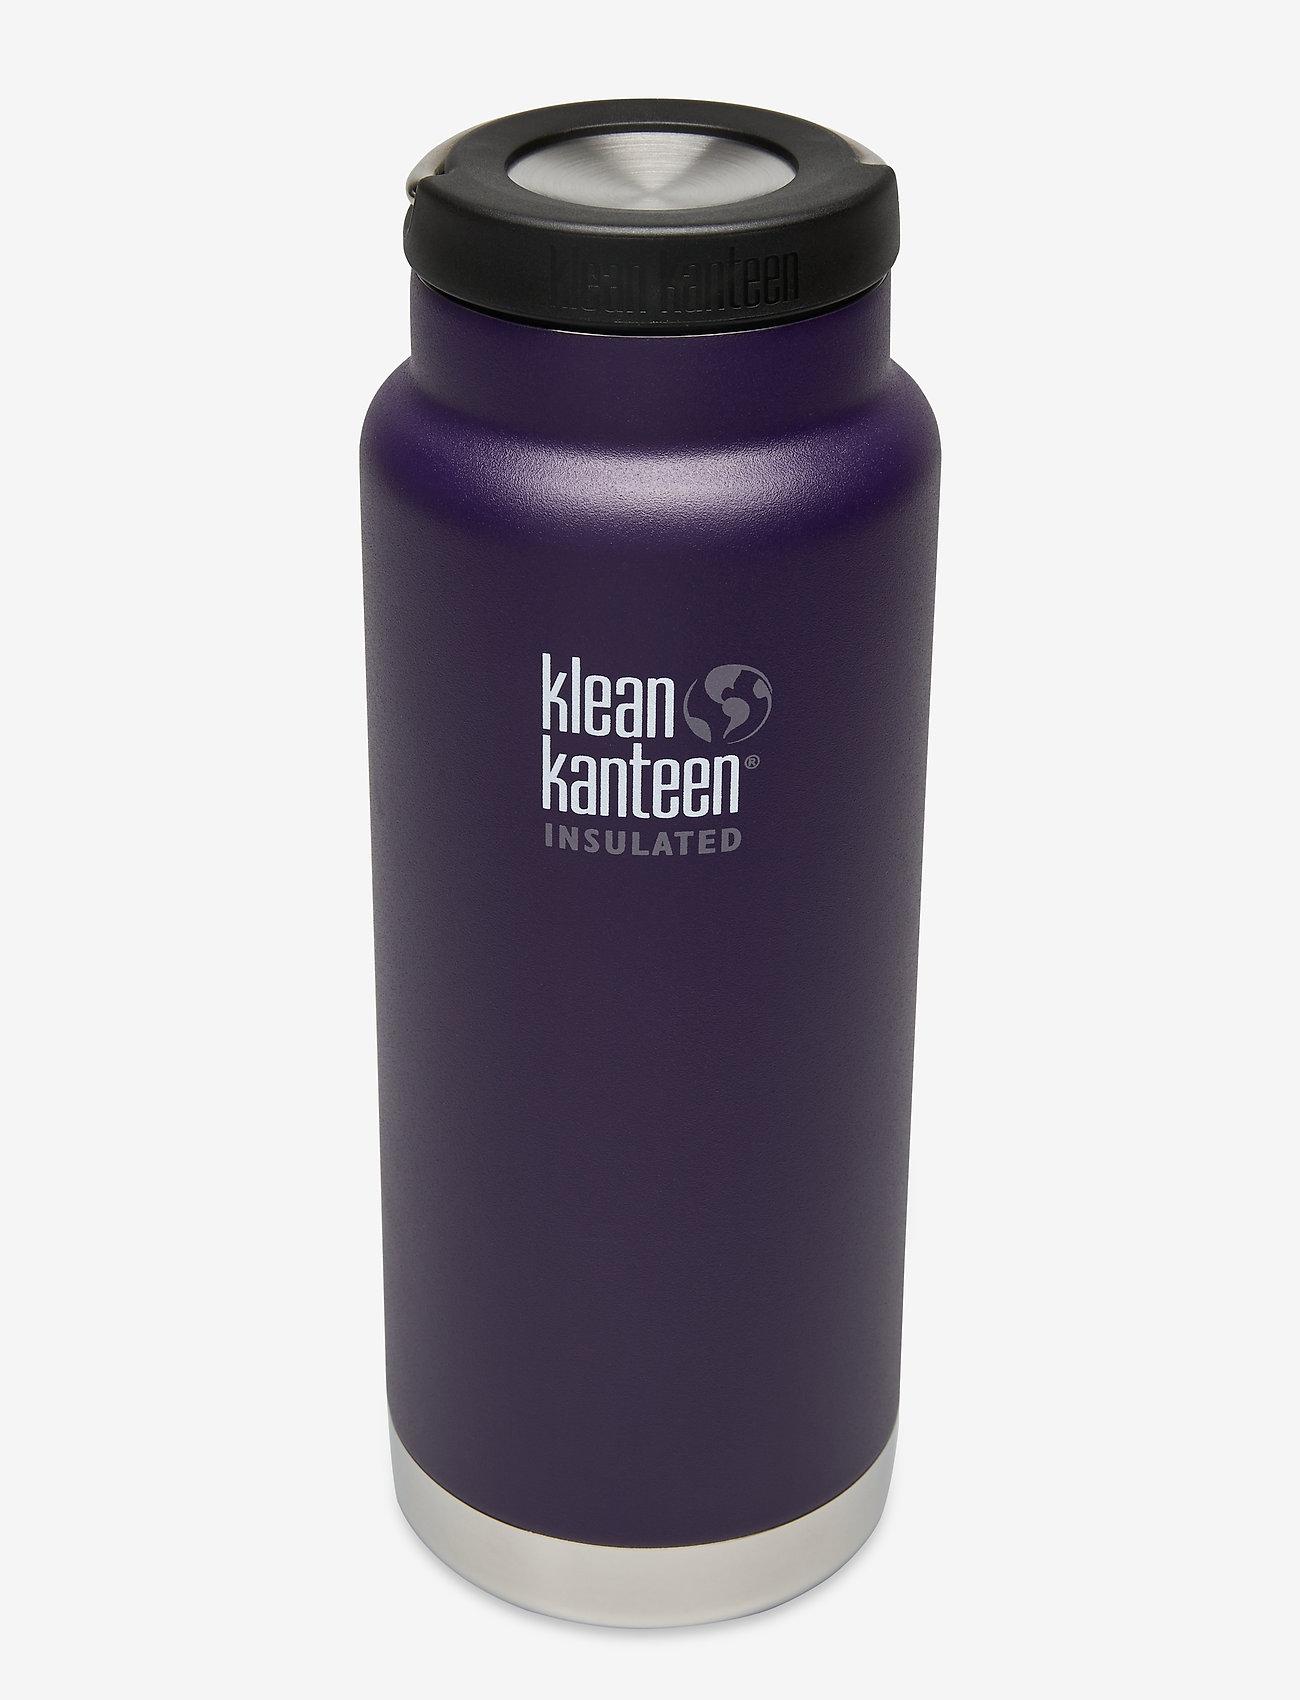 Klean Kanteen - Klean Kanteen TKWide 946ml Brushed Stainless - accessories - kalamata - 0